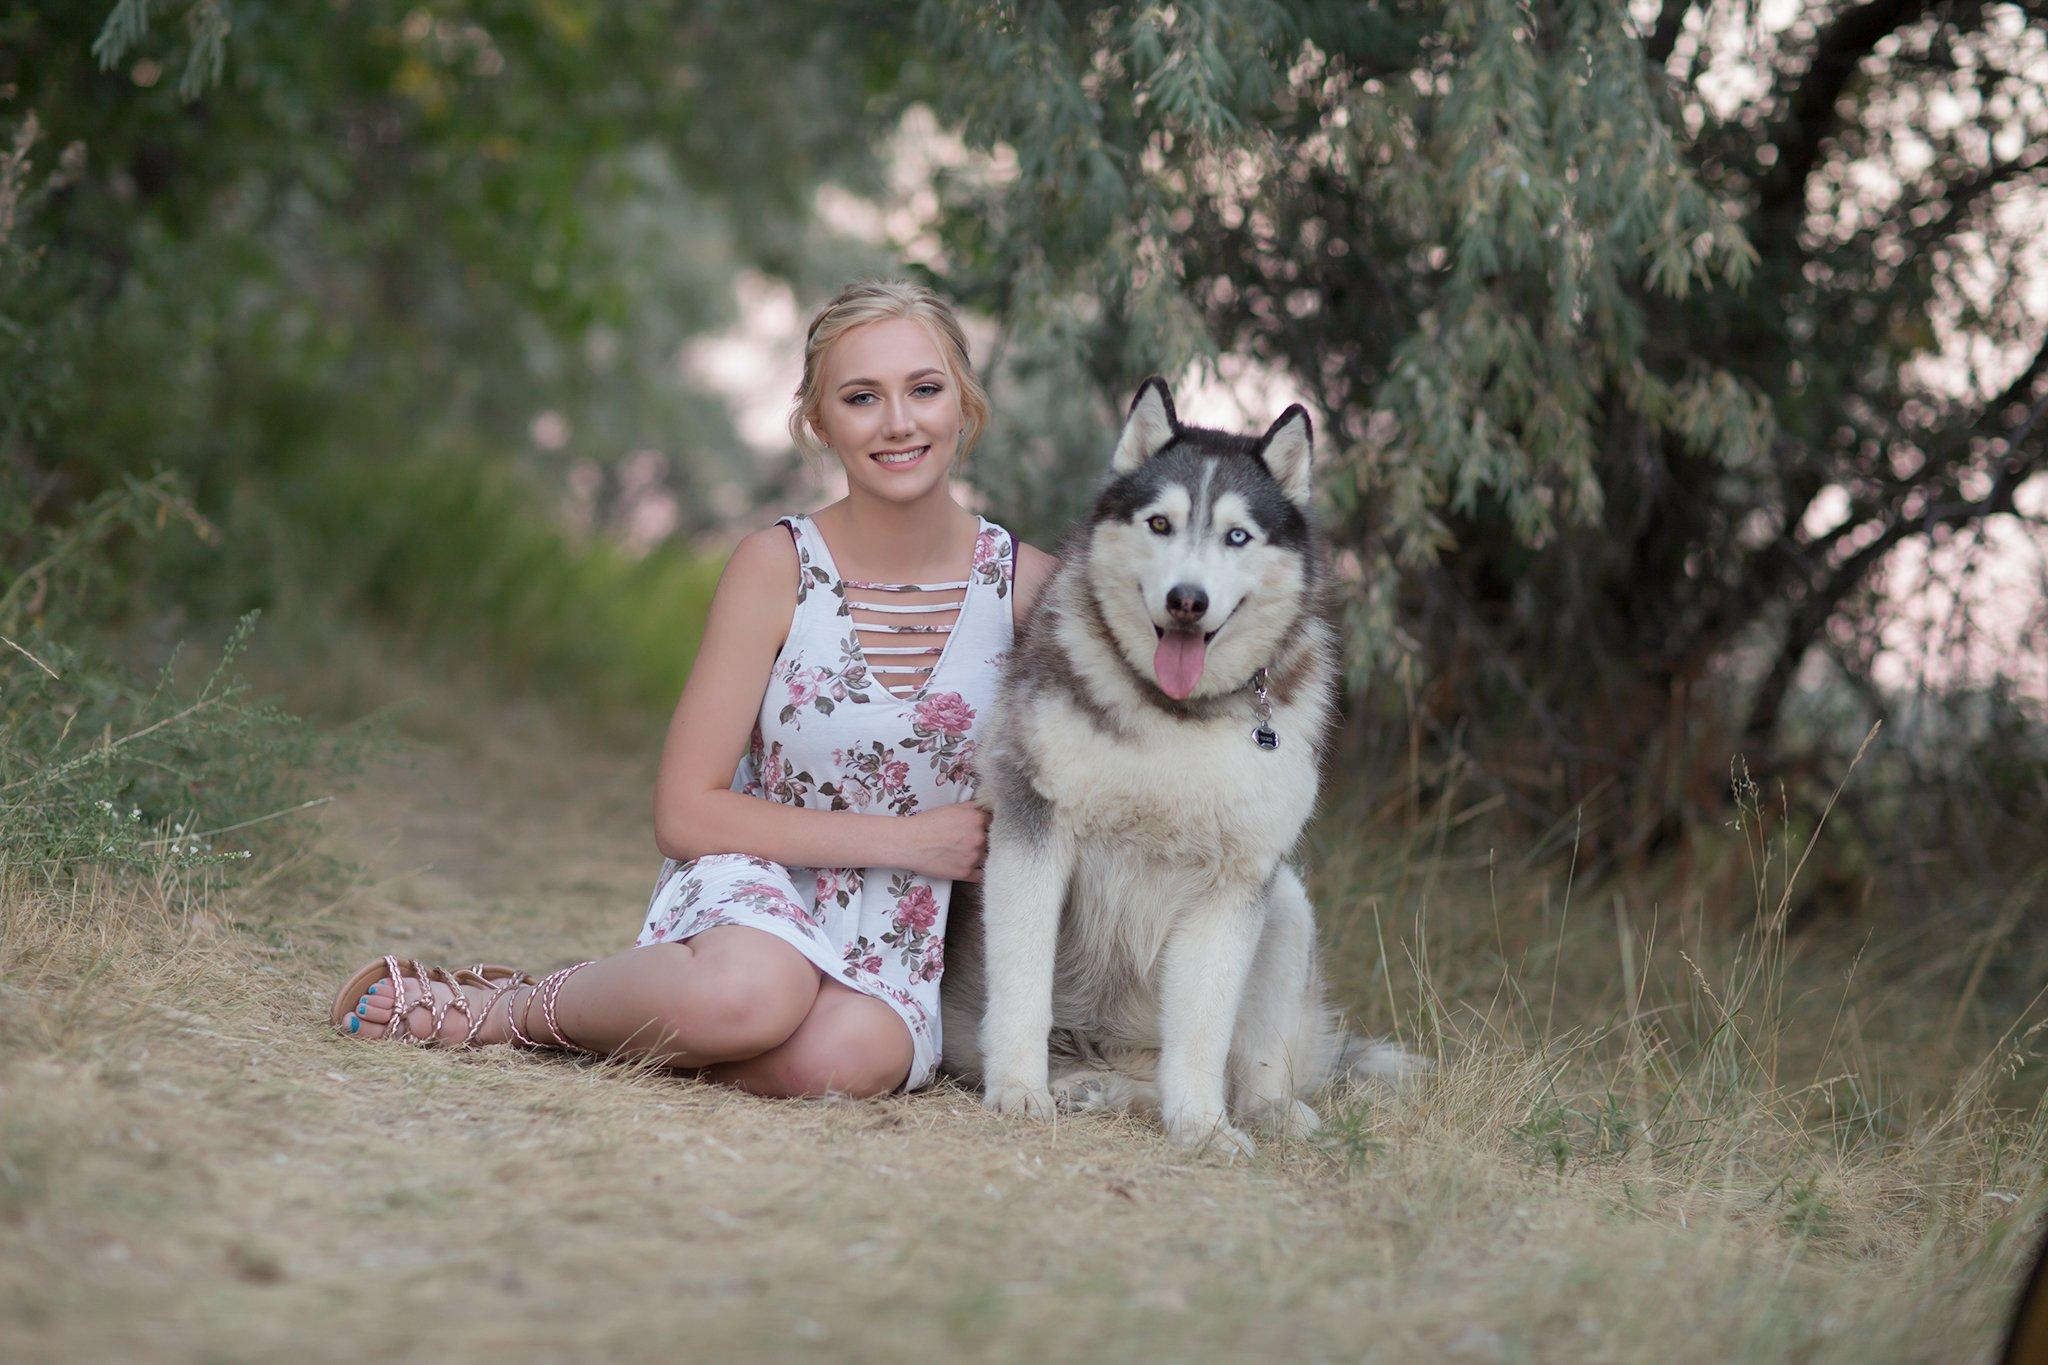 Pretty Presets Exposure Preset agregado a la foto de una niña con vestido de flores sentada junto a un perro huskie